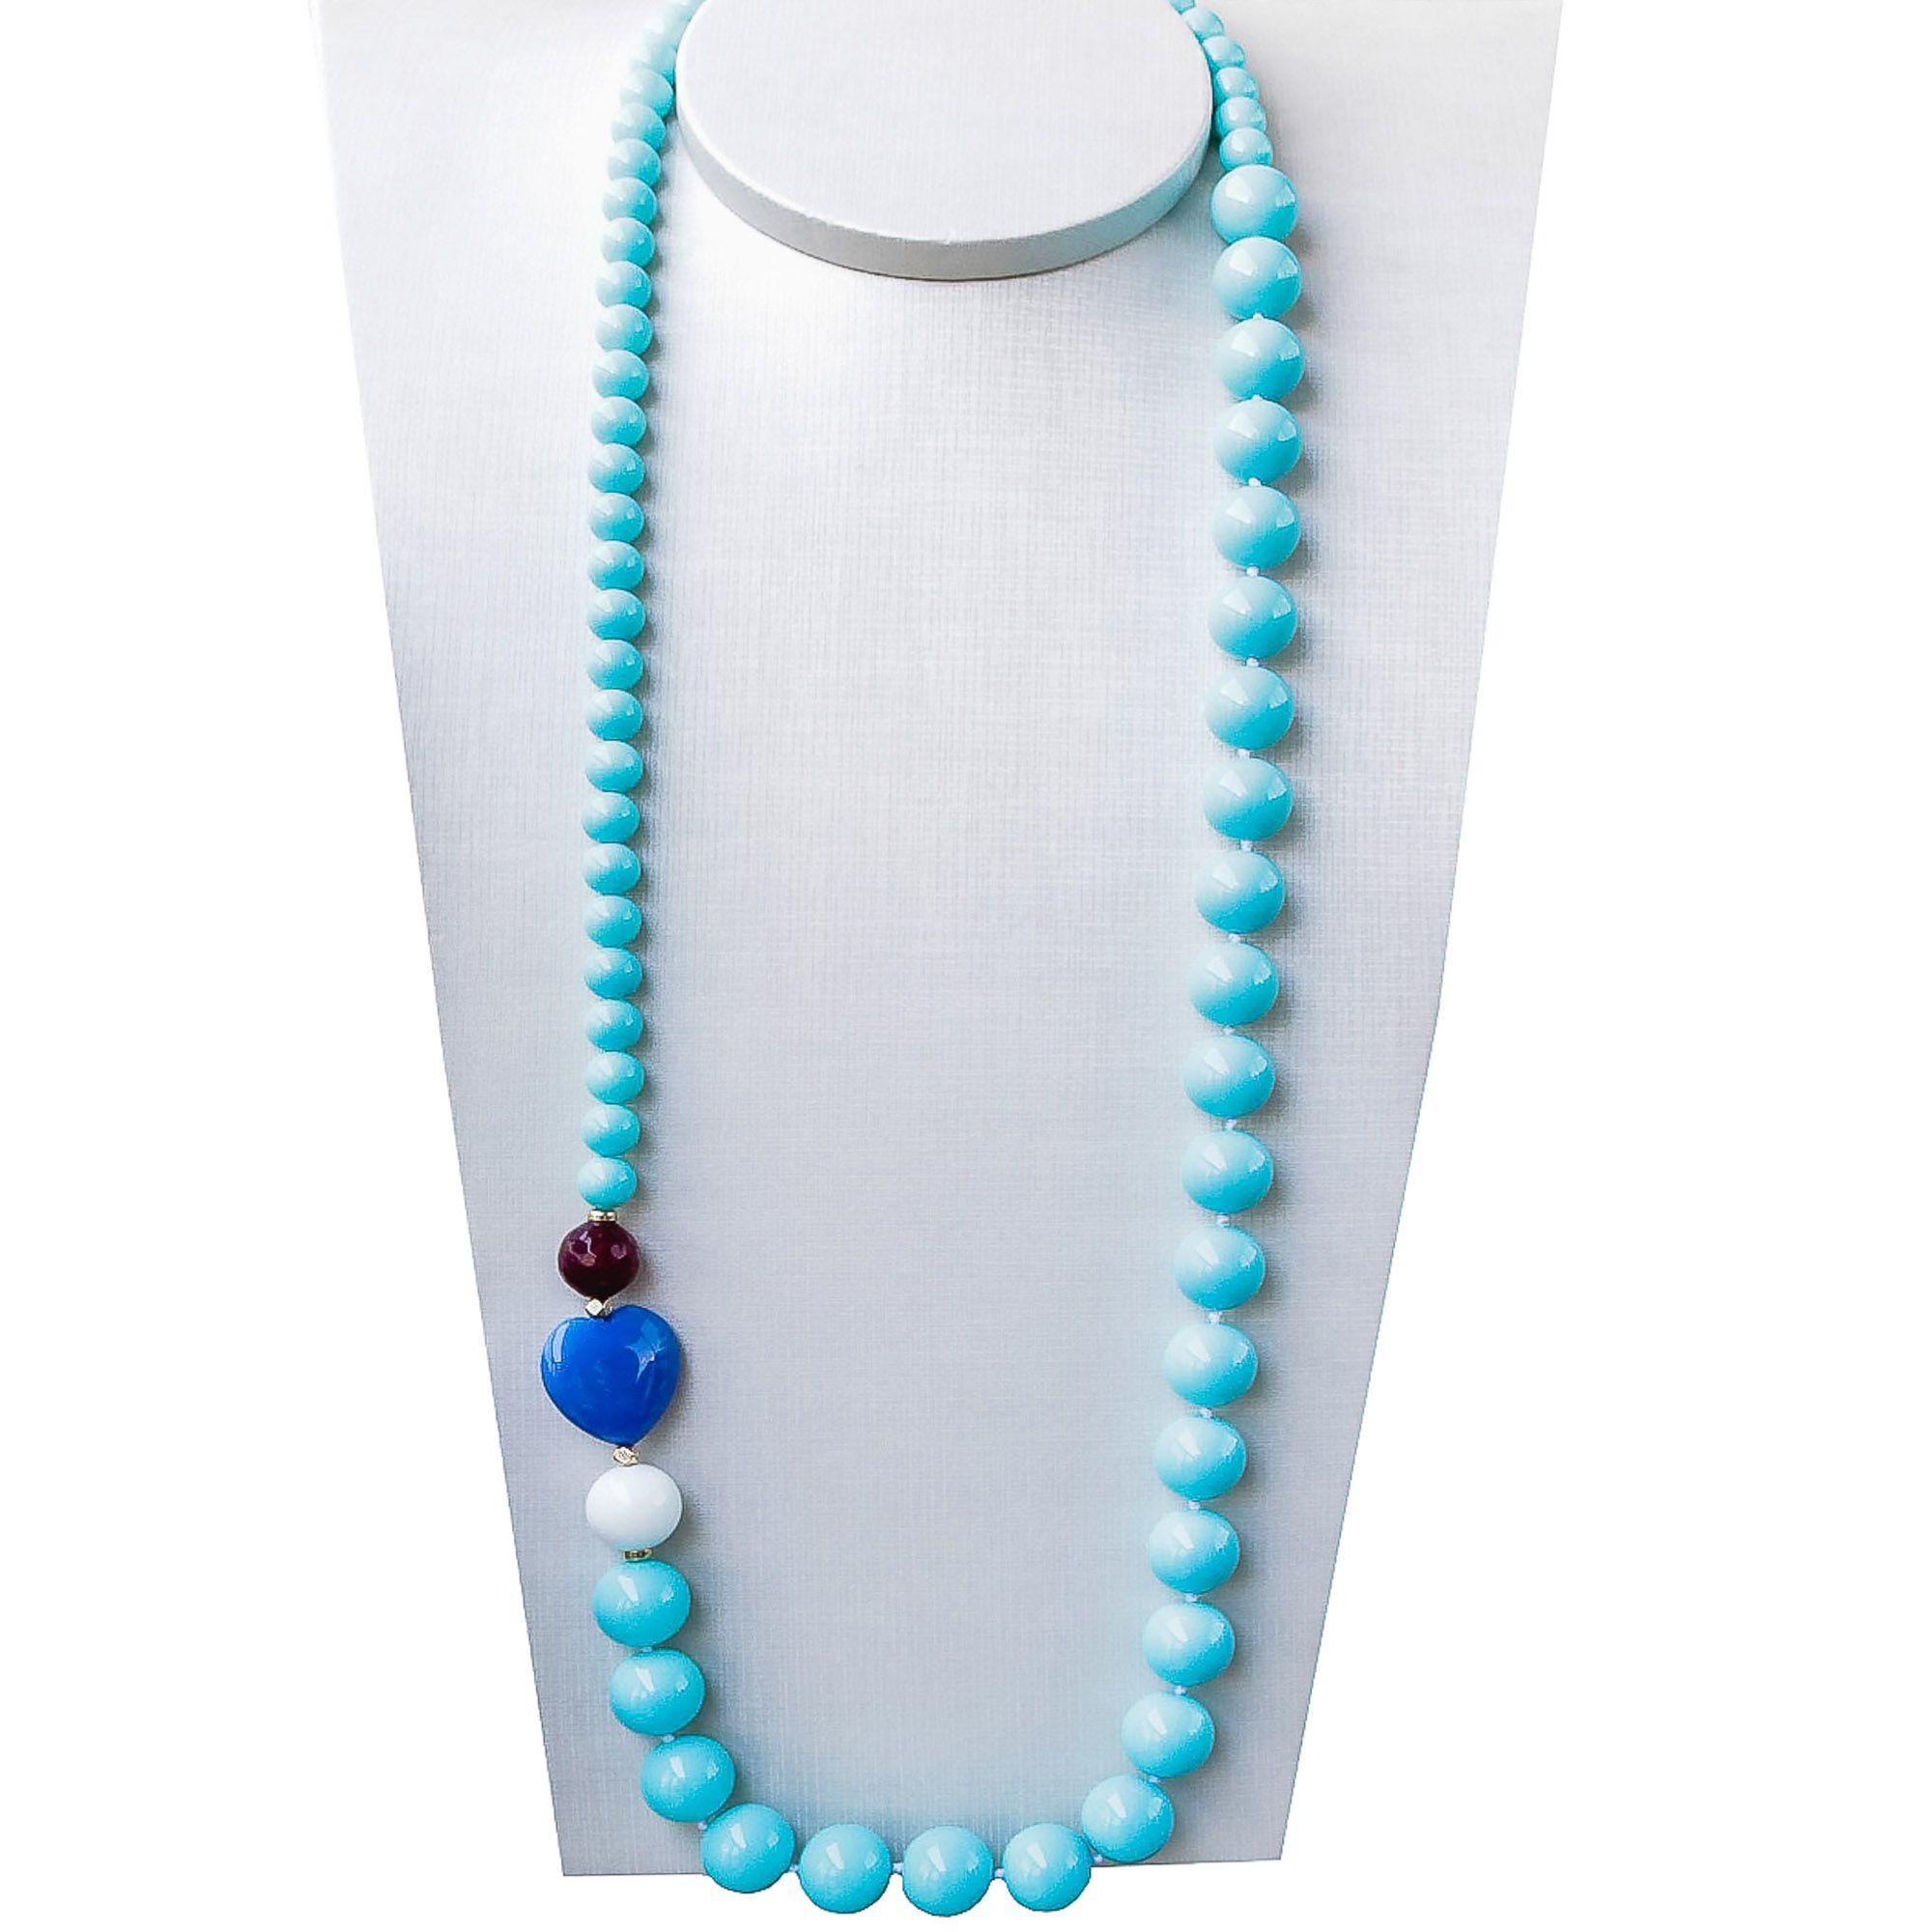 Colar Semi joia longo Rondel com coração em Jade banhados a ouro 18k ou rhodium